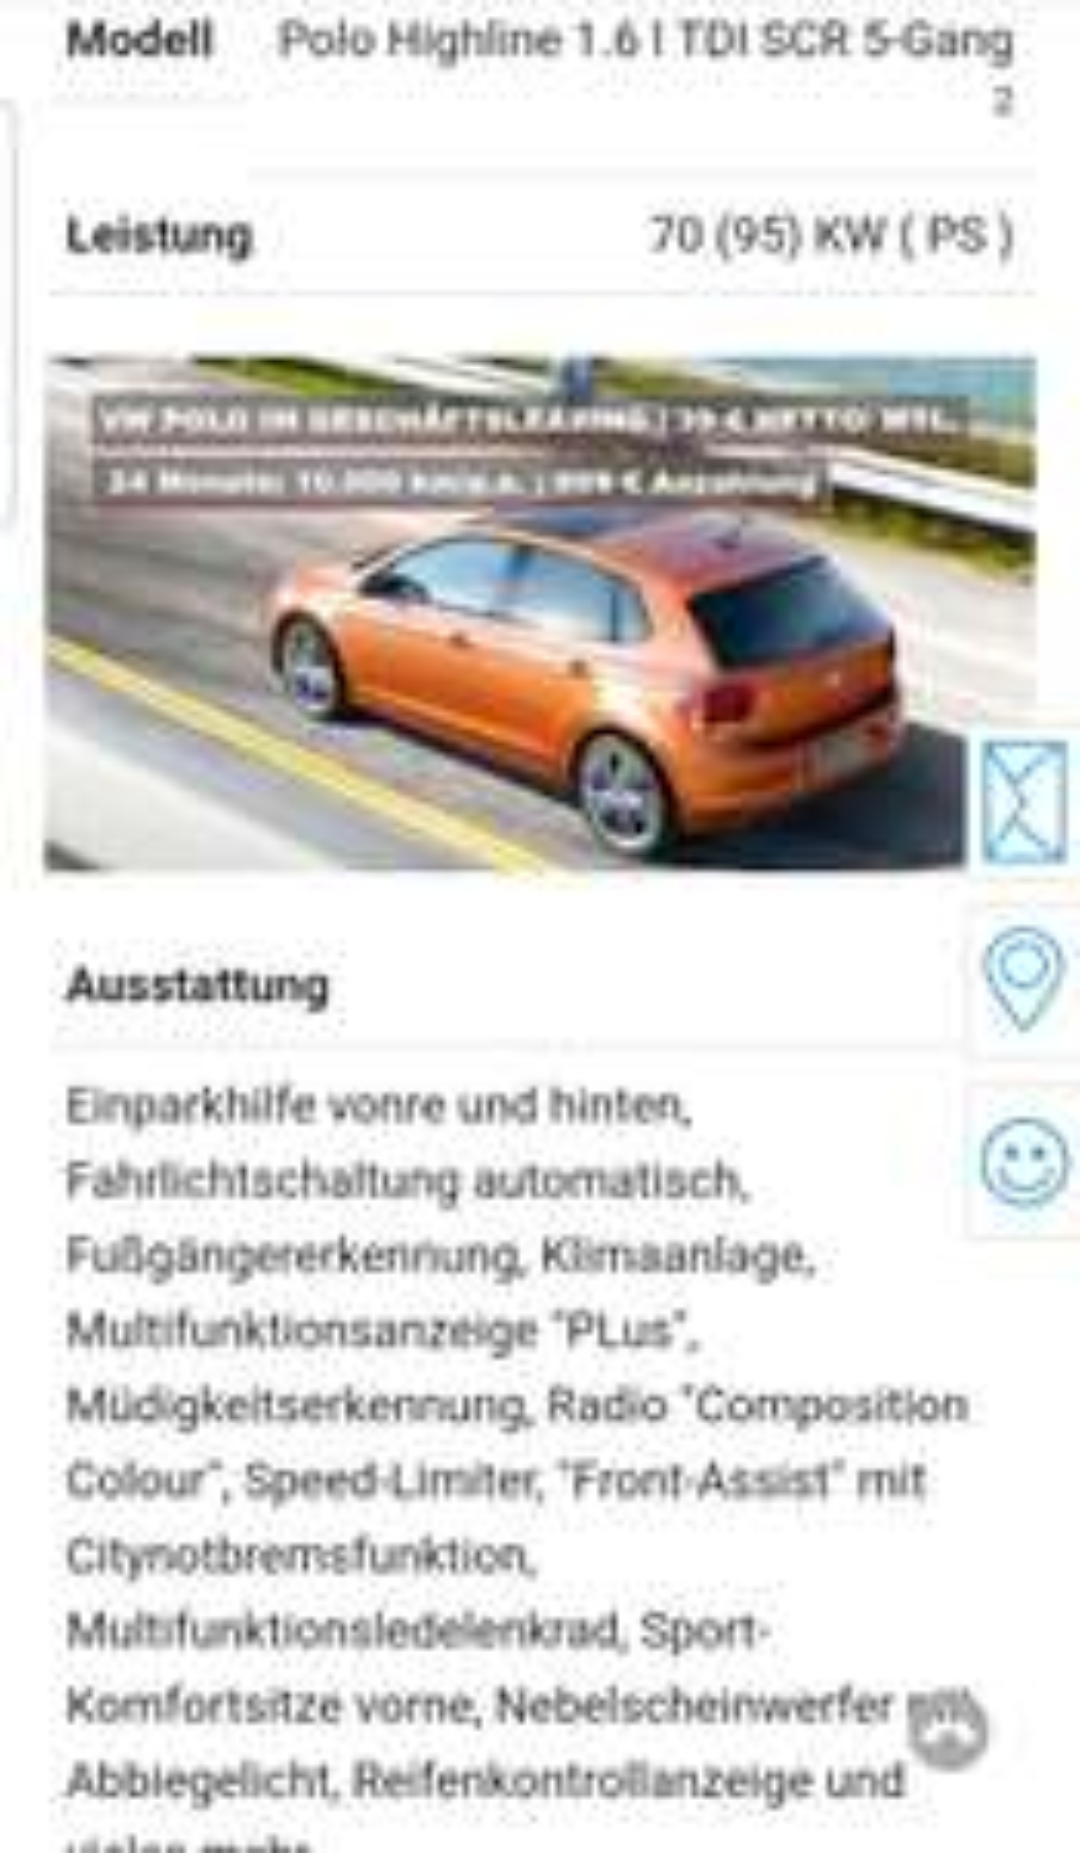 VW Polo Highline Diesel Geschäftsleasing 1935.- in 24 Monaten (netto) plus Zulassung und Überhaupt